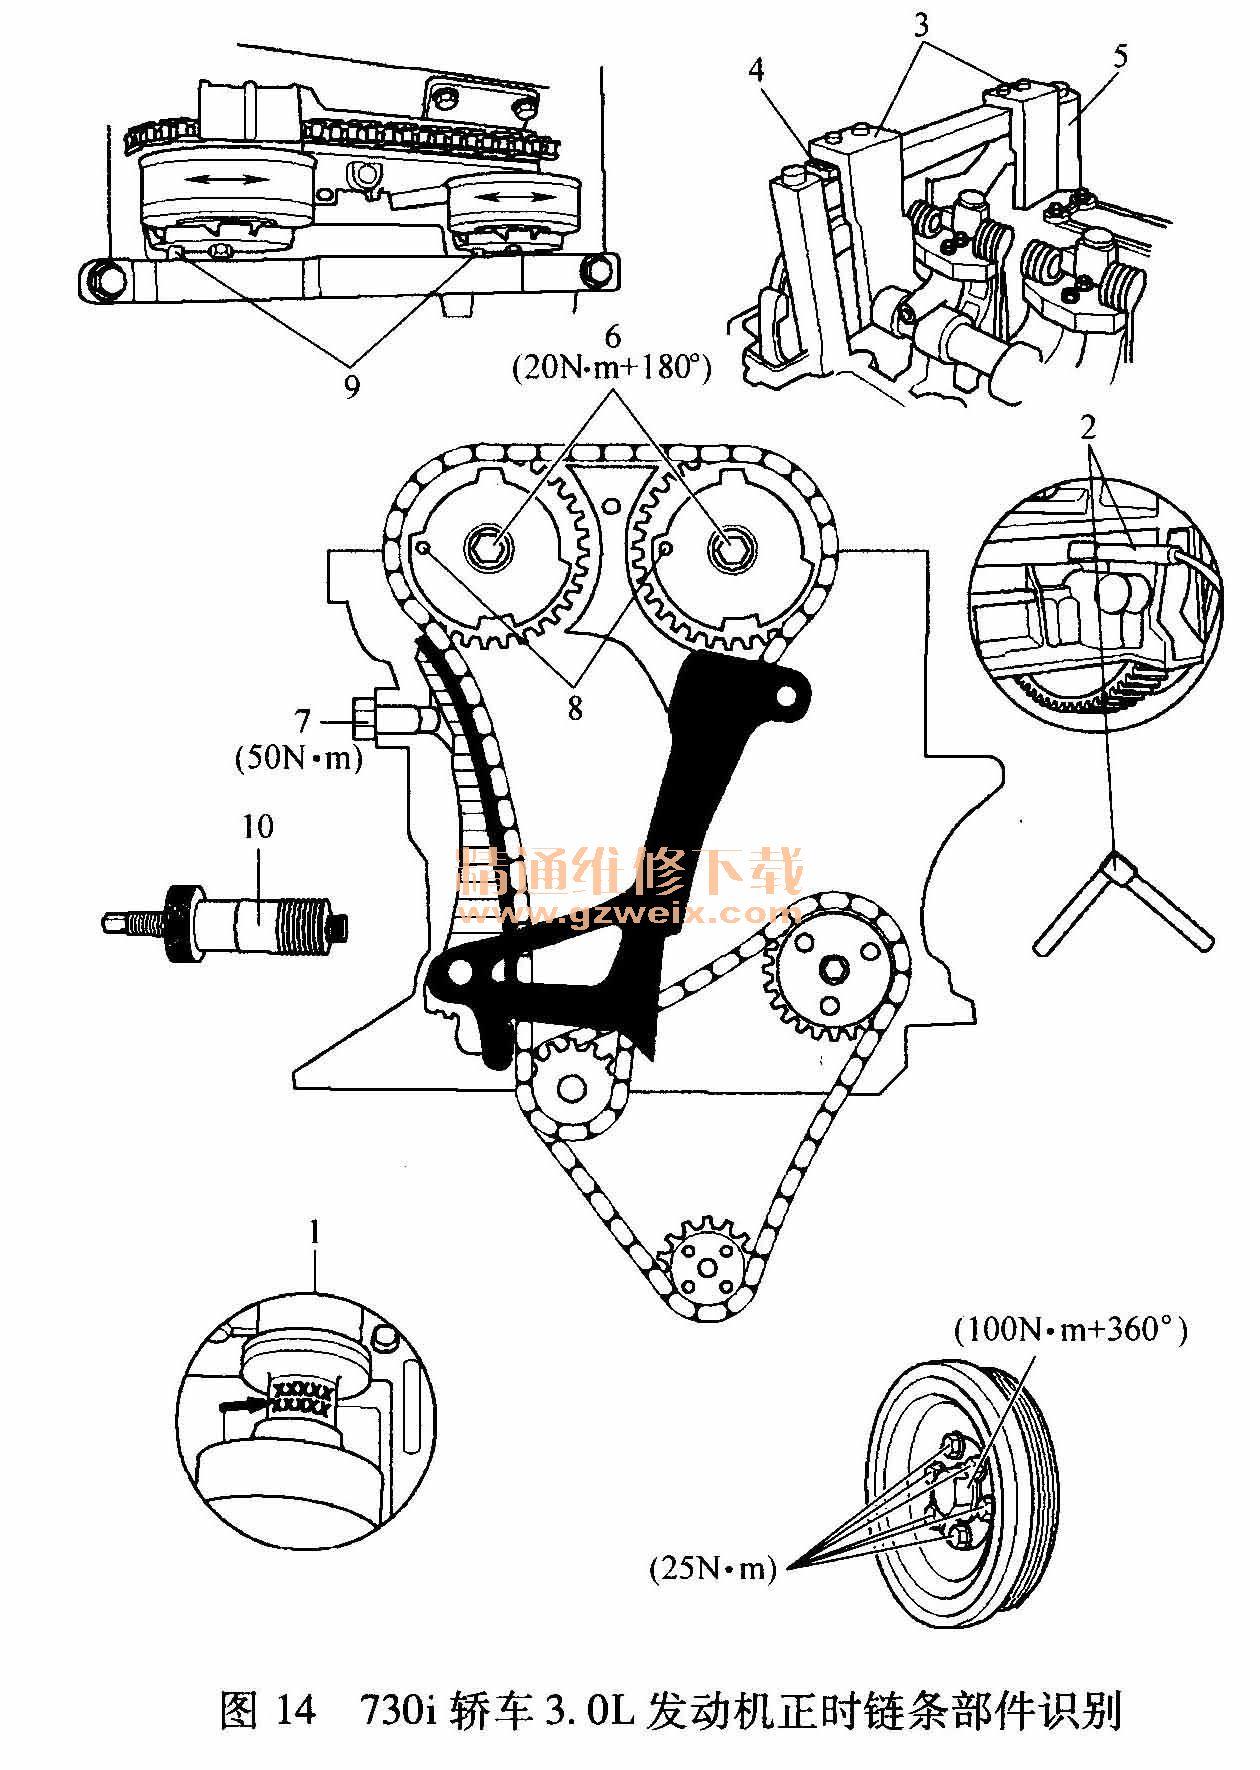 宝马730i(3. 0l发动机)正时校对方法